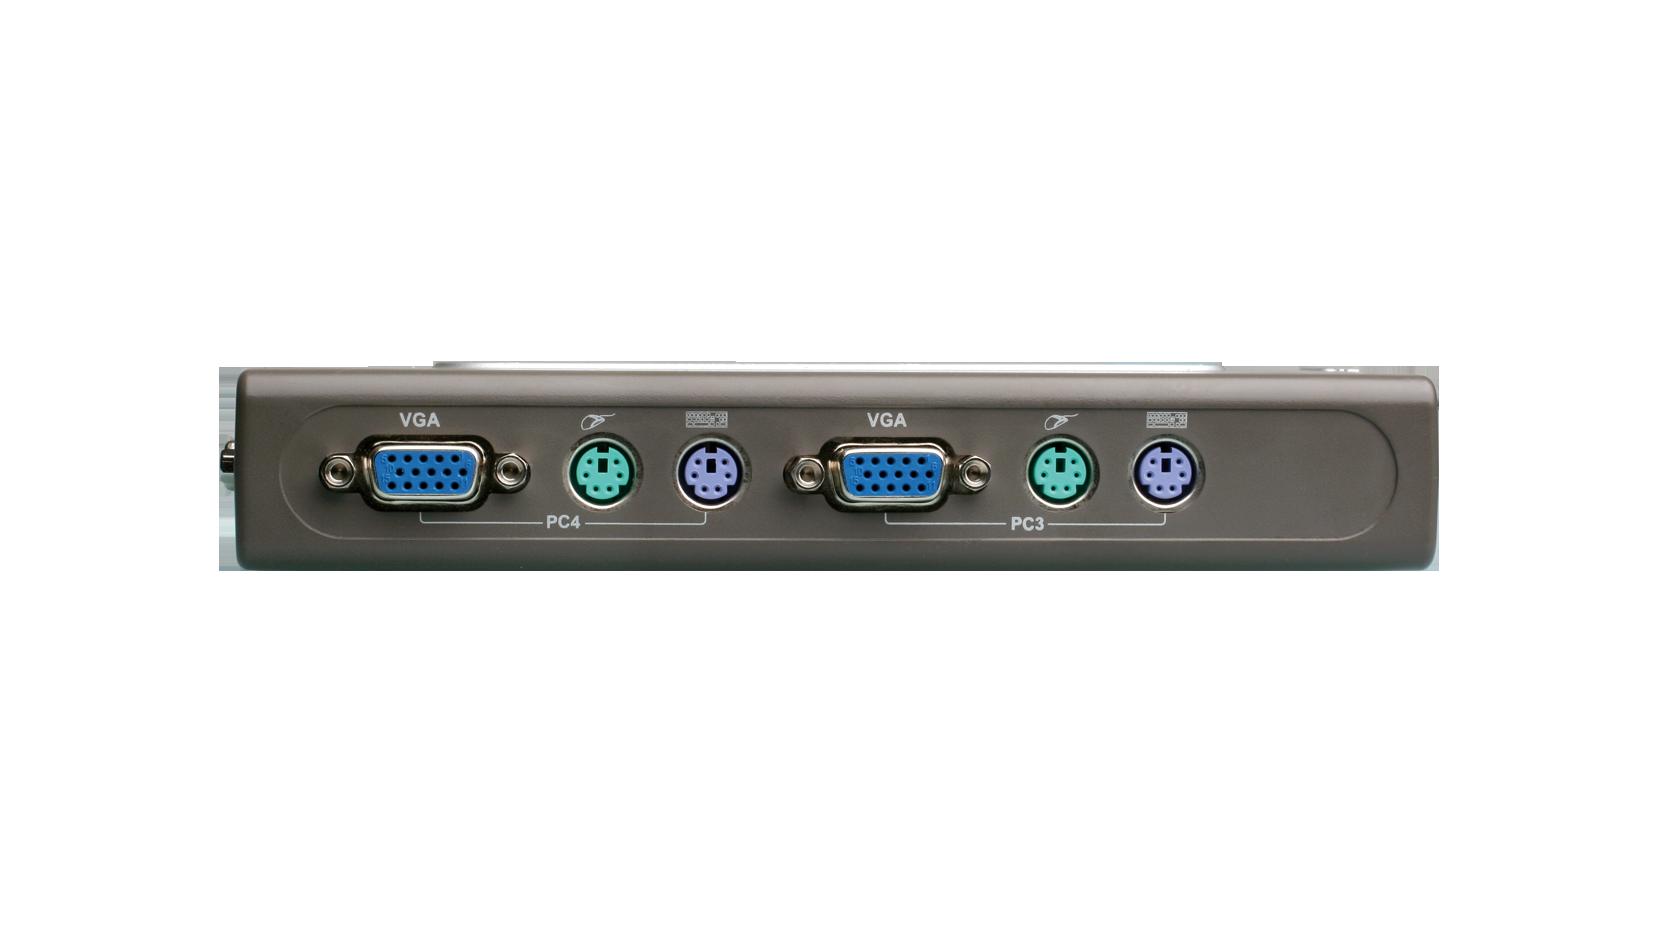 4-Port PS/2 KVM Switch (DKVM-4K)